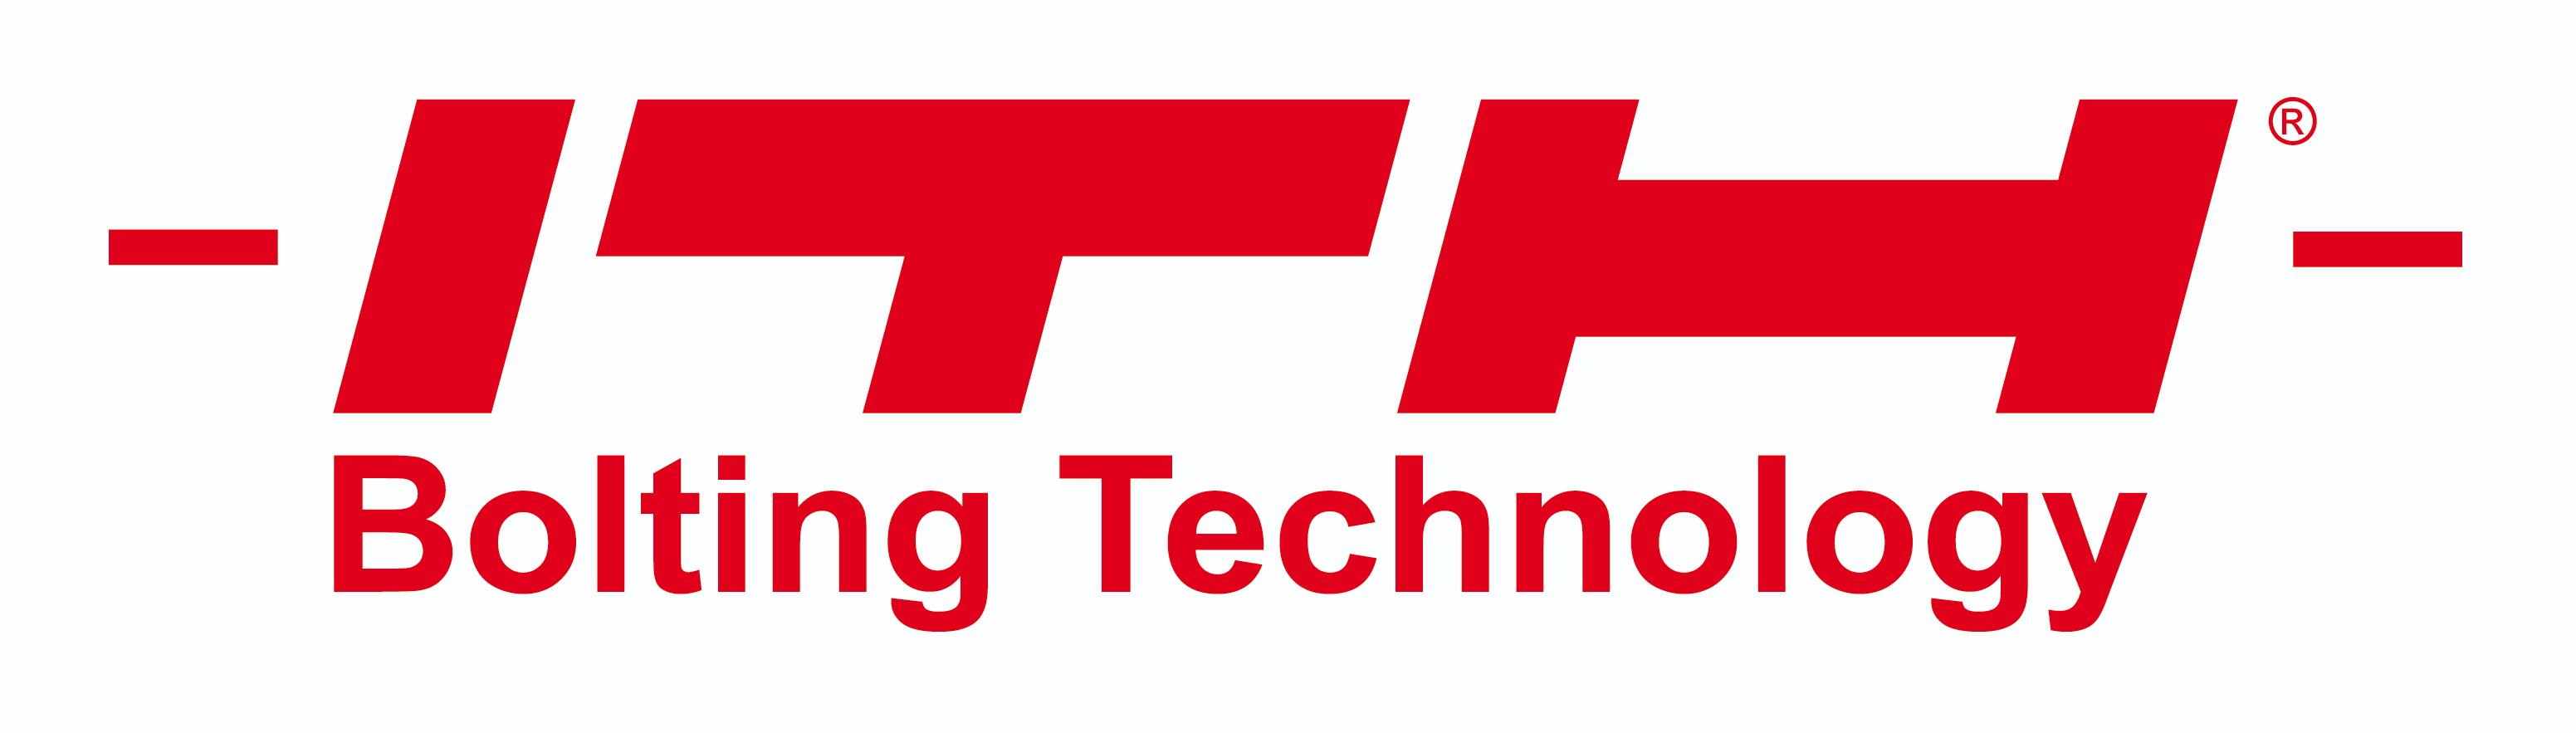 ITH GmbH & Co. KG